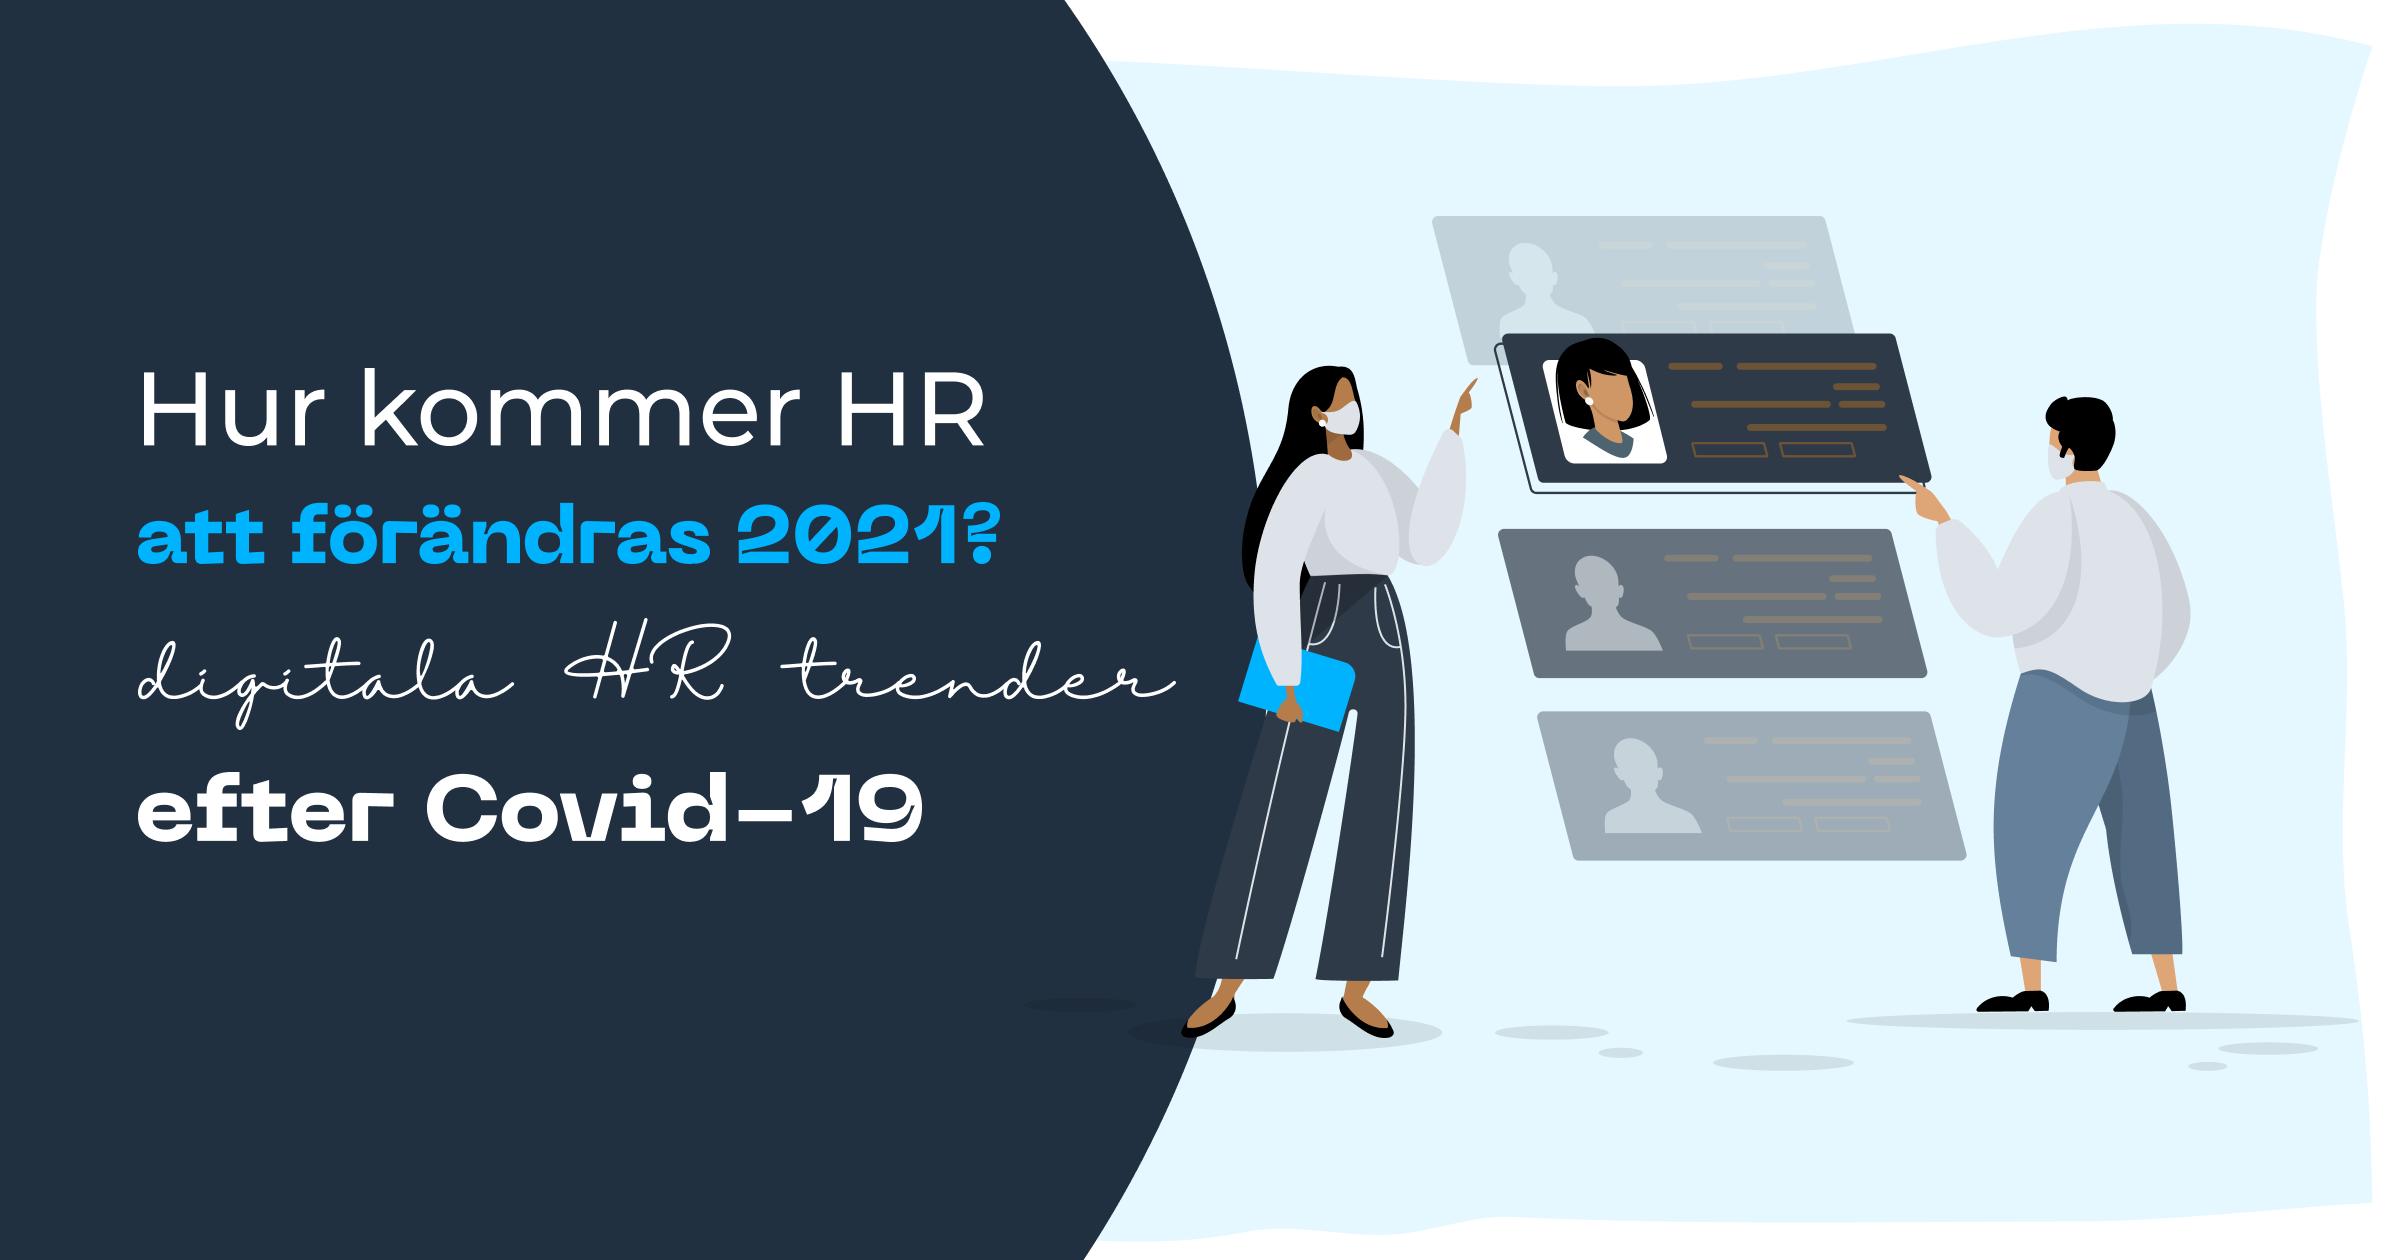 Hur kommer HR att förändras 2021?  Digitala HR-trender efter Covid-19